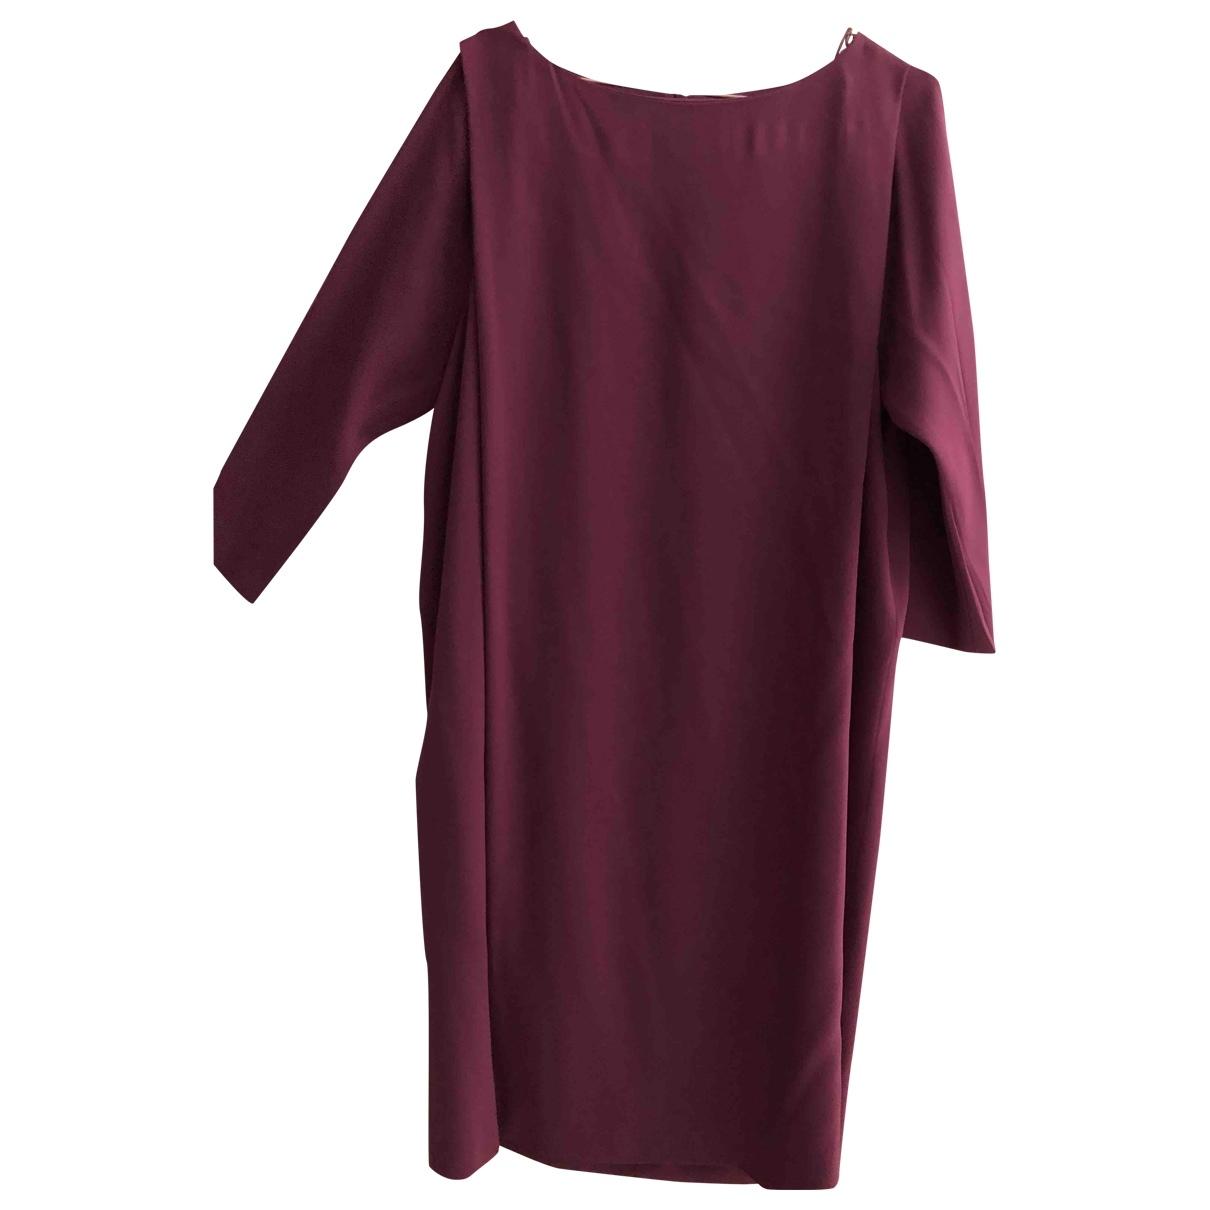 Laurel \N Kleid in  Lila Polyester